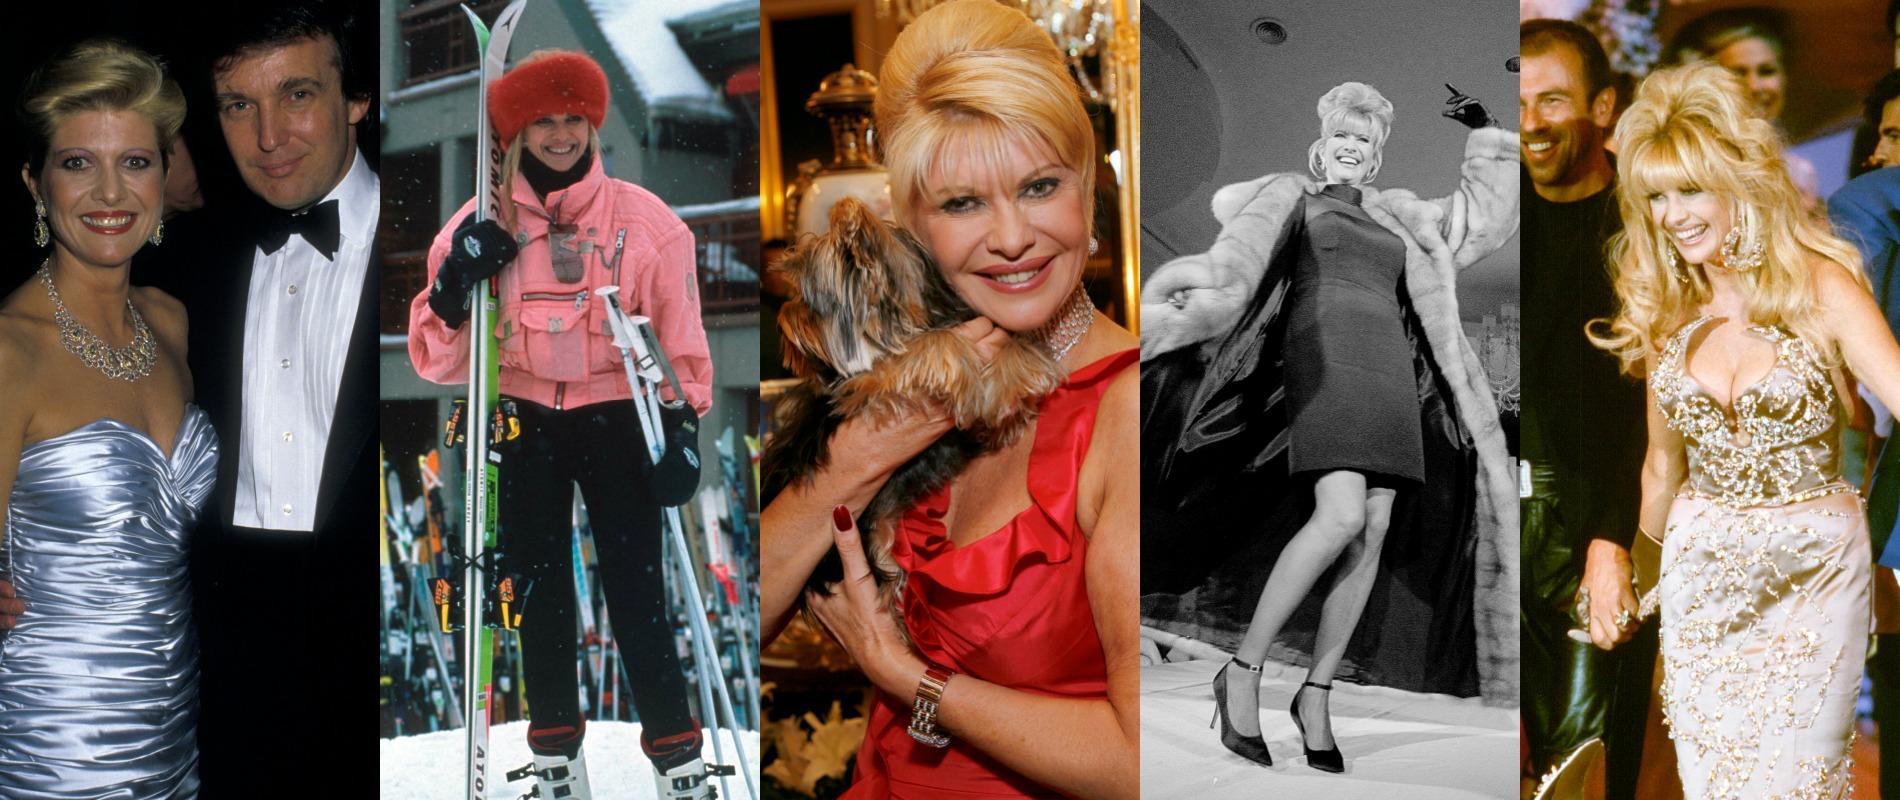 Ivana trump de skieuse à femme de donald trump de décoratrice dintérieur à icône de la jet set